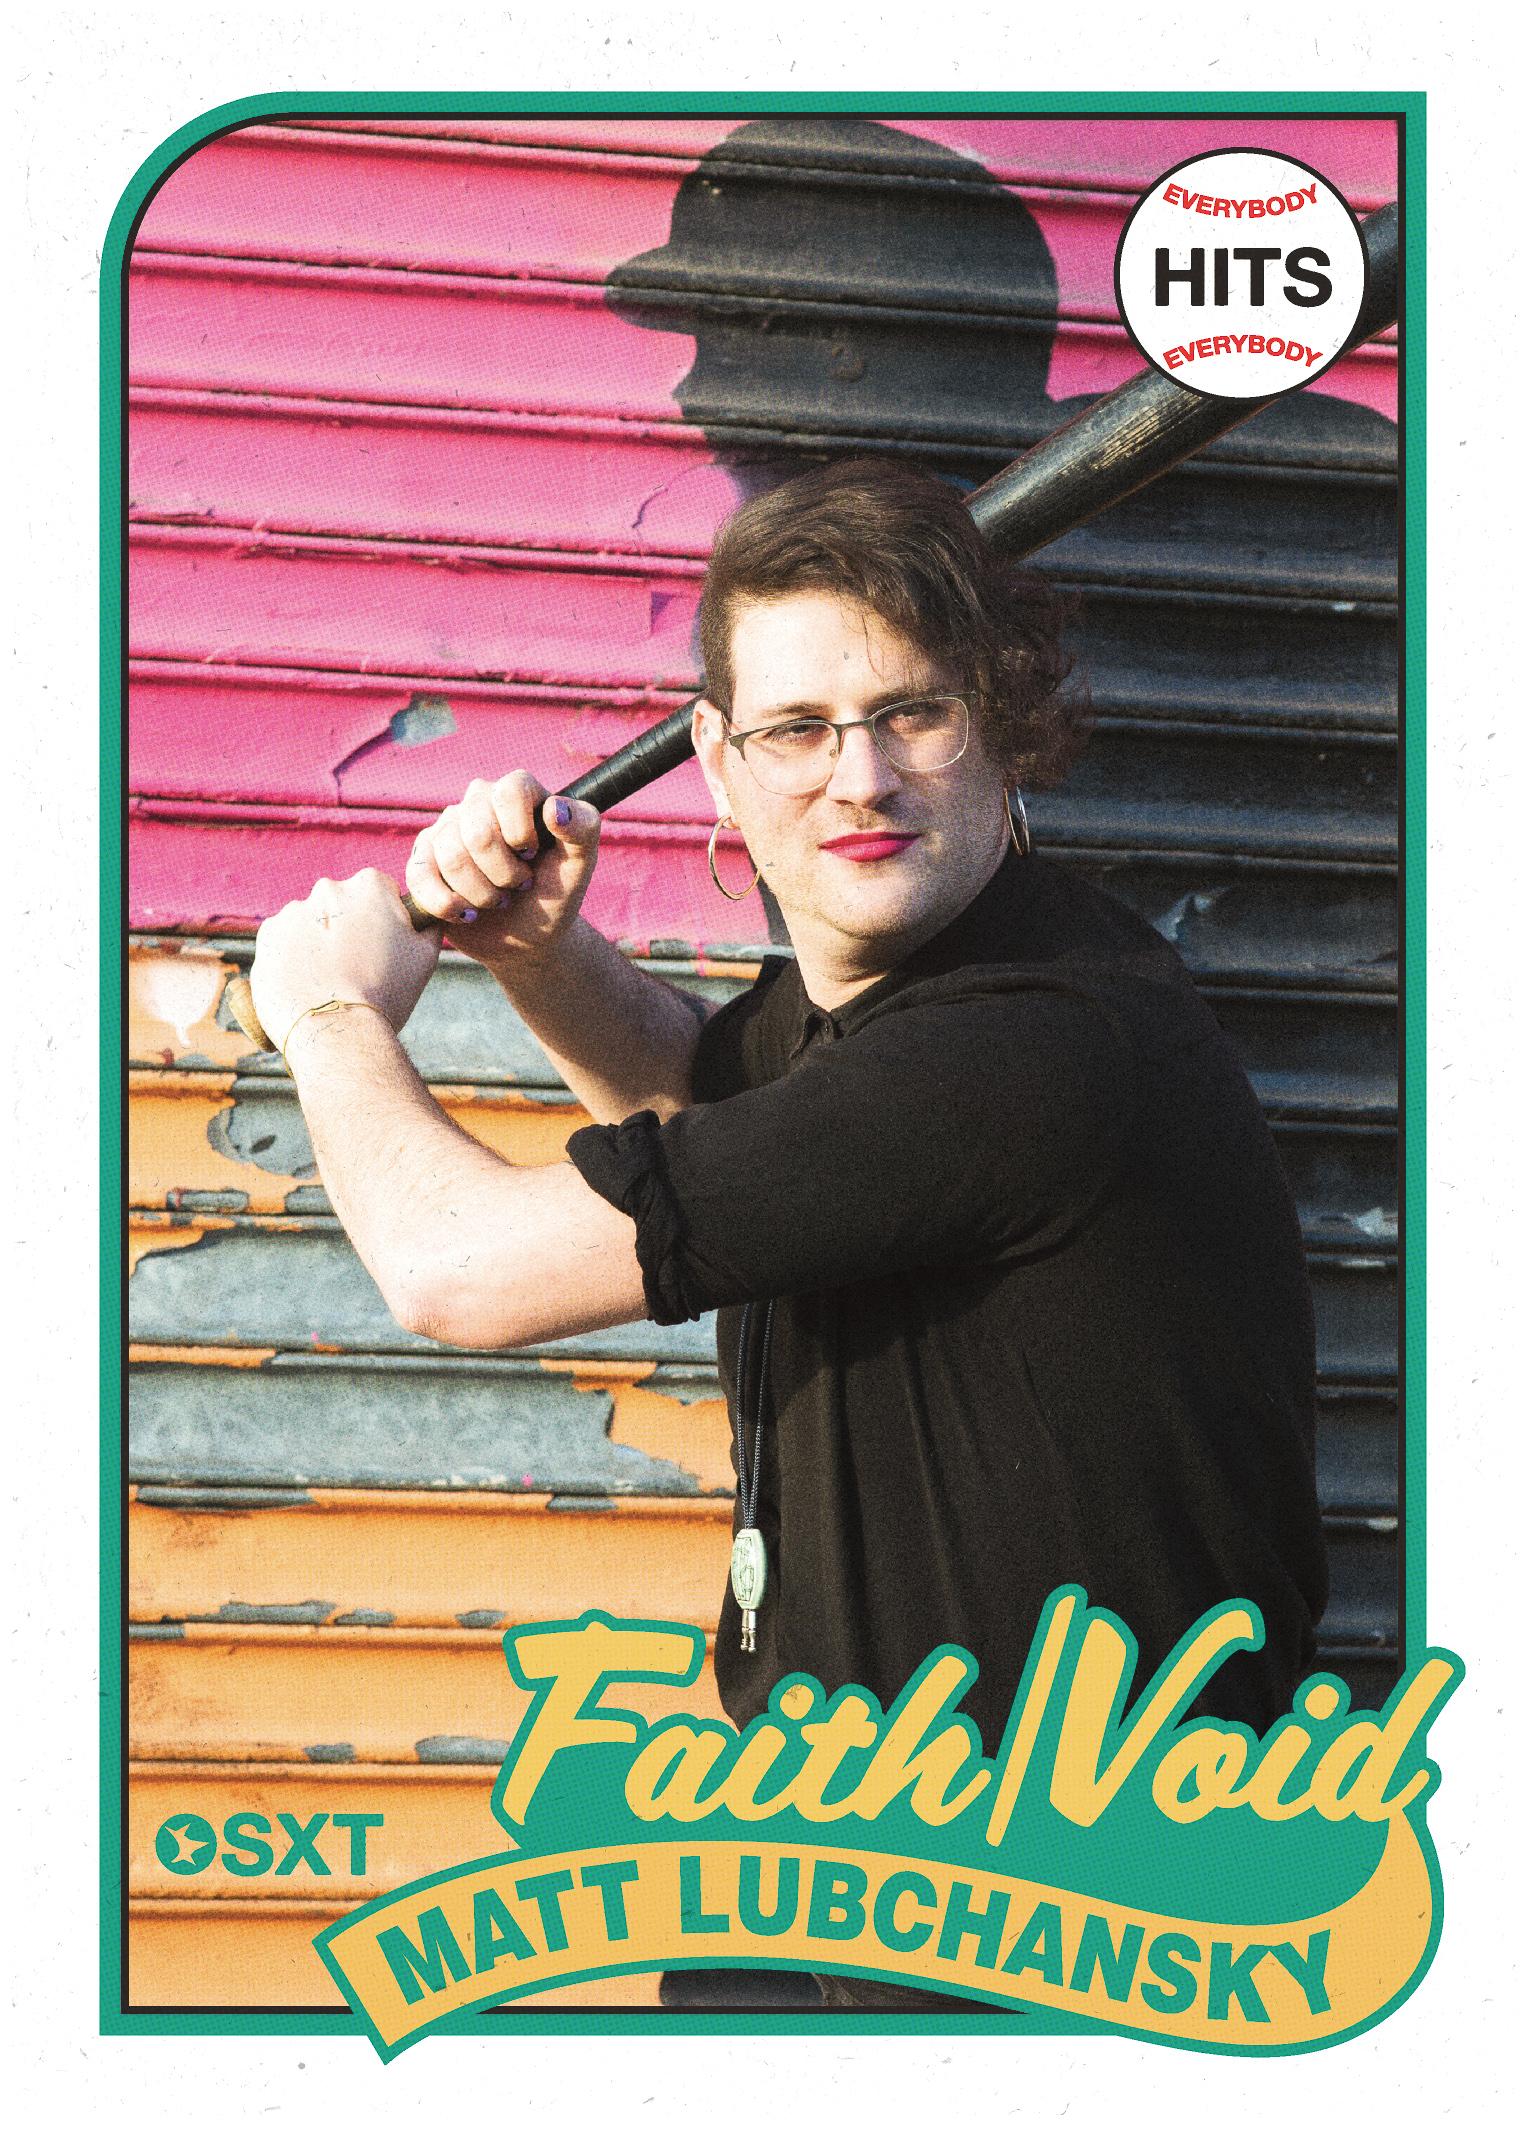 Matt Lubchansky of FAITH/VOID